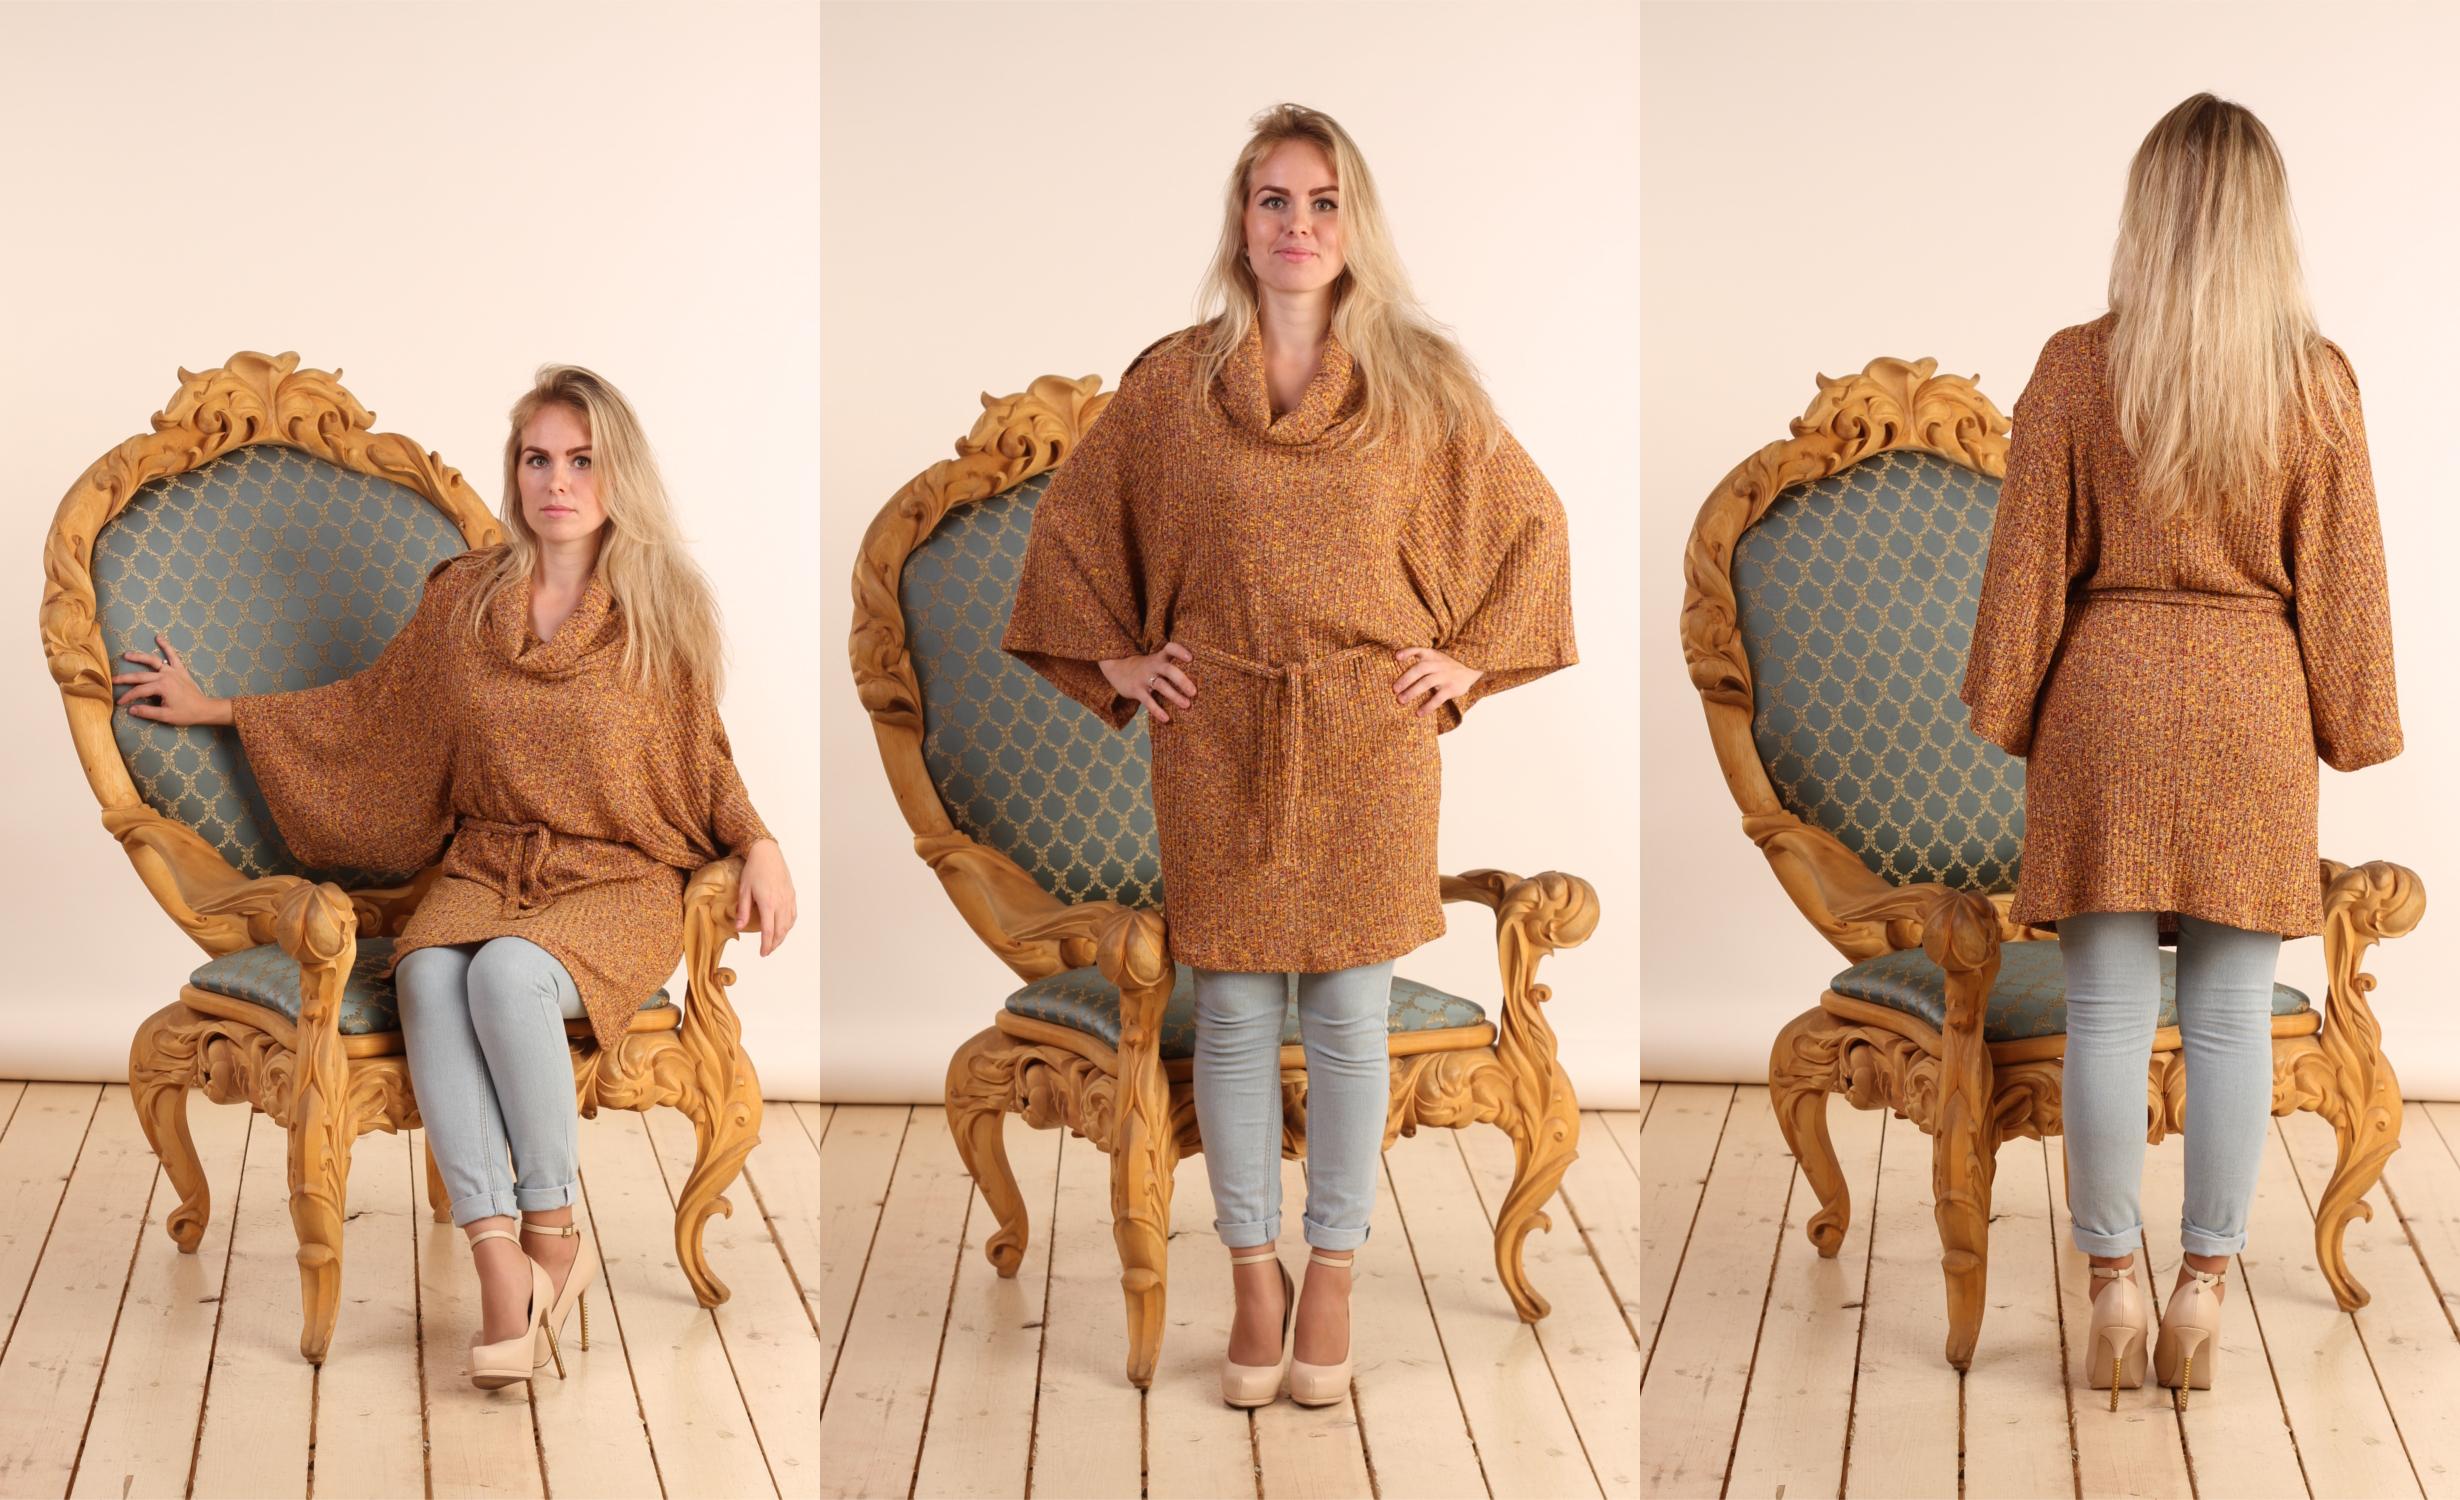 Cбор заказов. Платья, платья платья, различные модели на любую фигуру, Размеры 42-60, очень много новых моделей блузок, пиджаков,платьев, есть распродажа-23